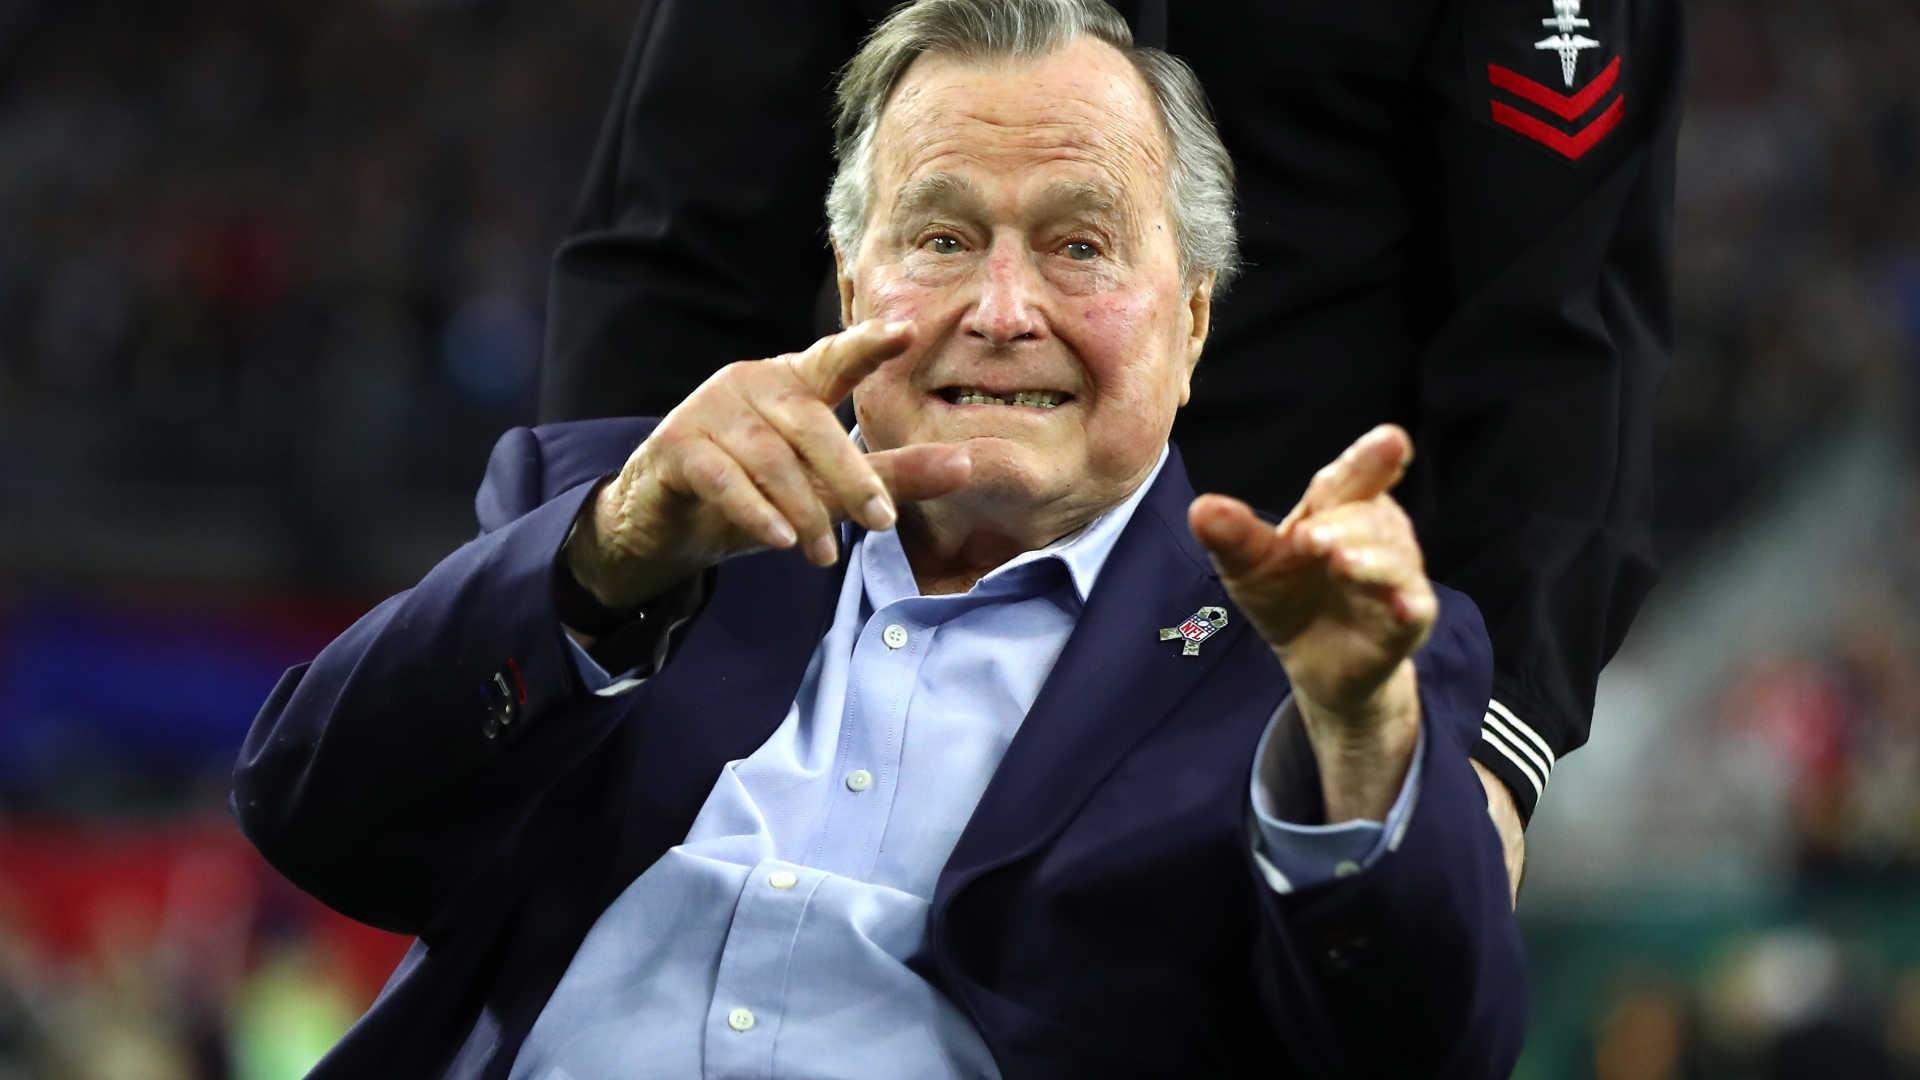 - George H - Morreu George H. W. Bush, antigo presidente dos EUA